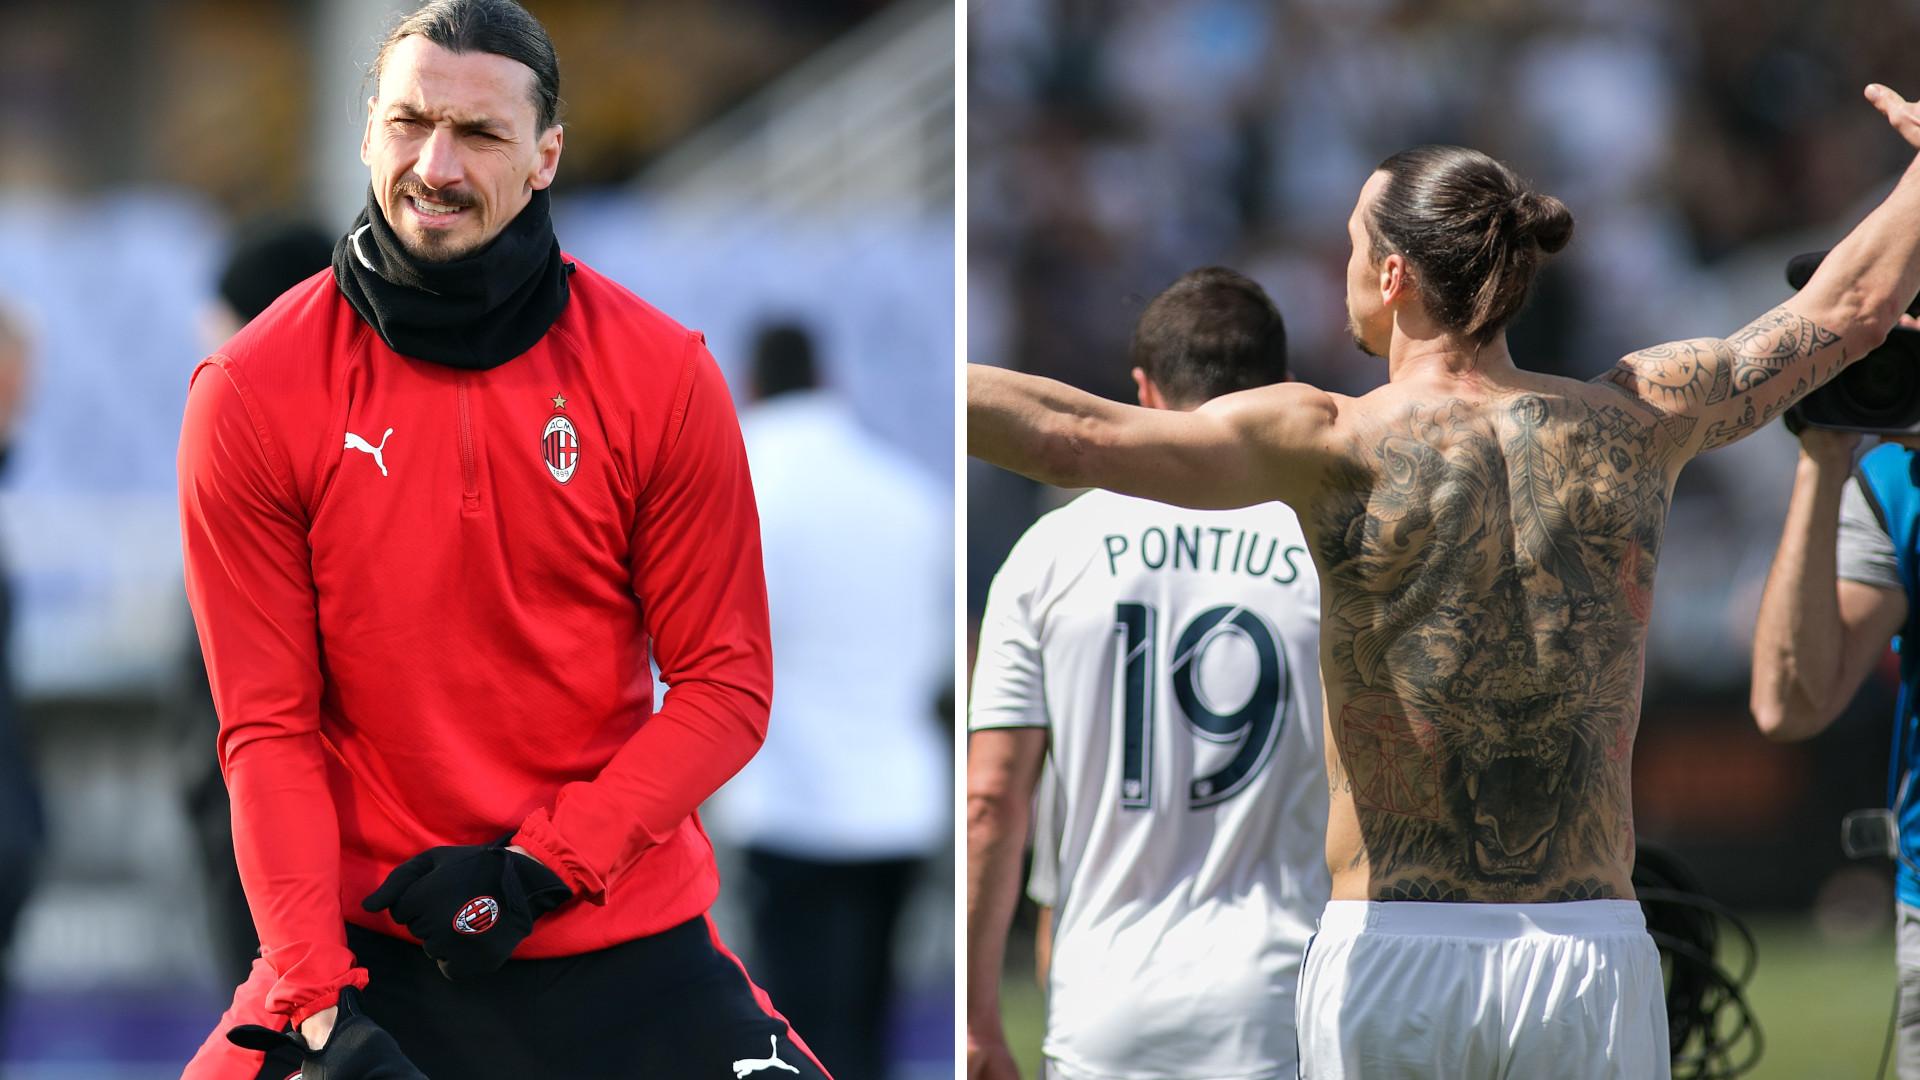 SZOK! Zlatan Ibrahimović zabił lwa?!